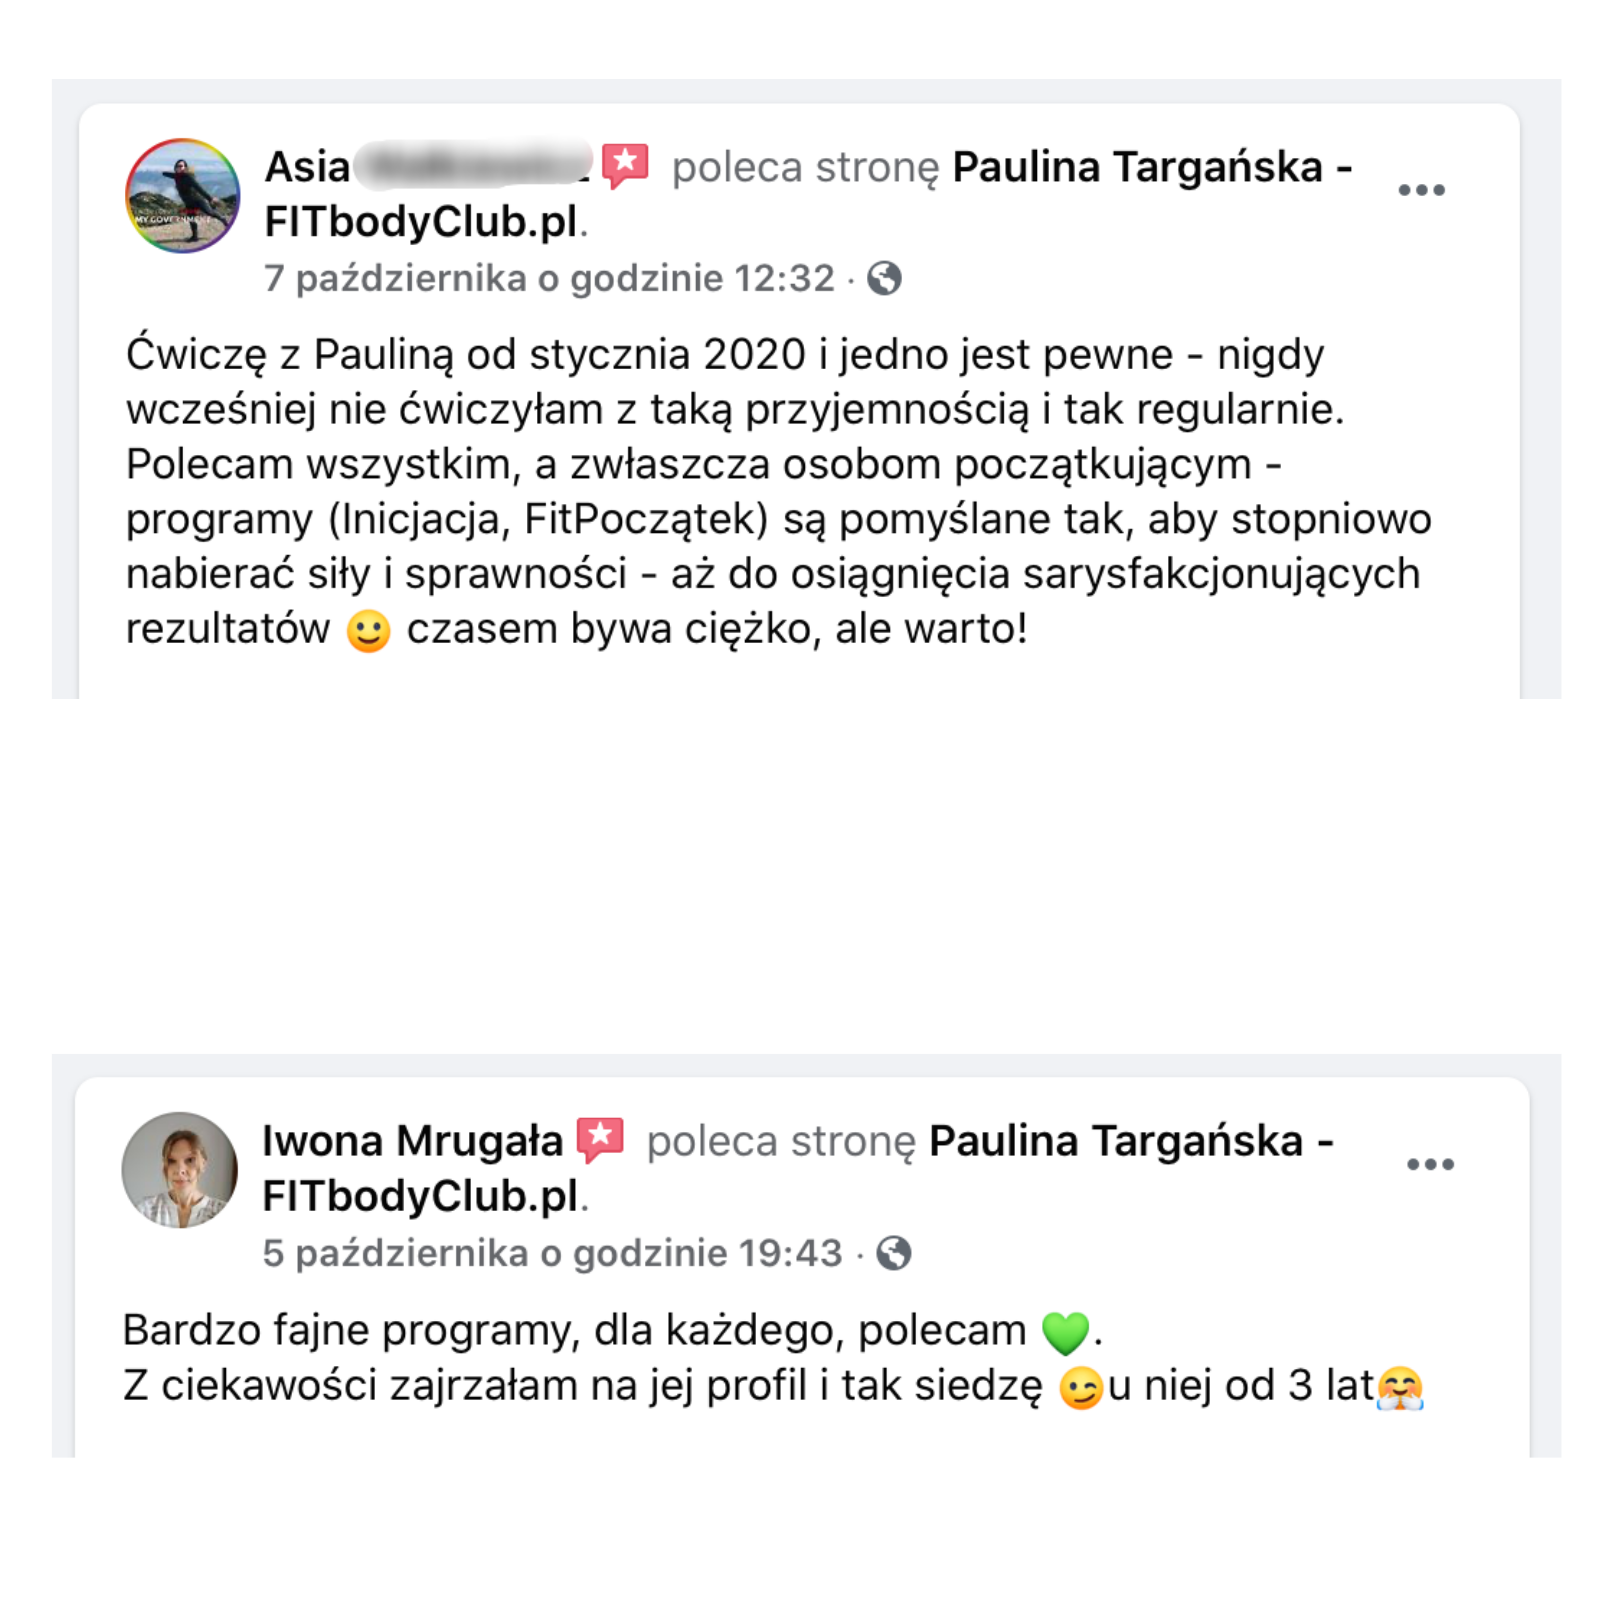 opinia_2021_2